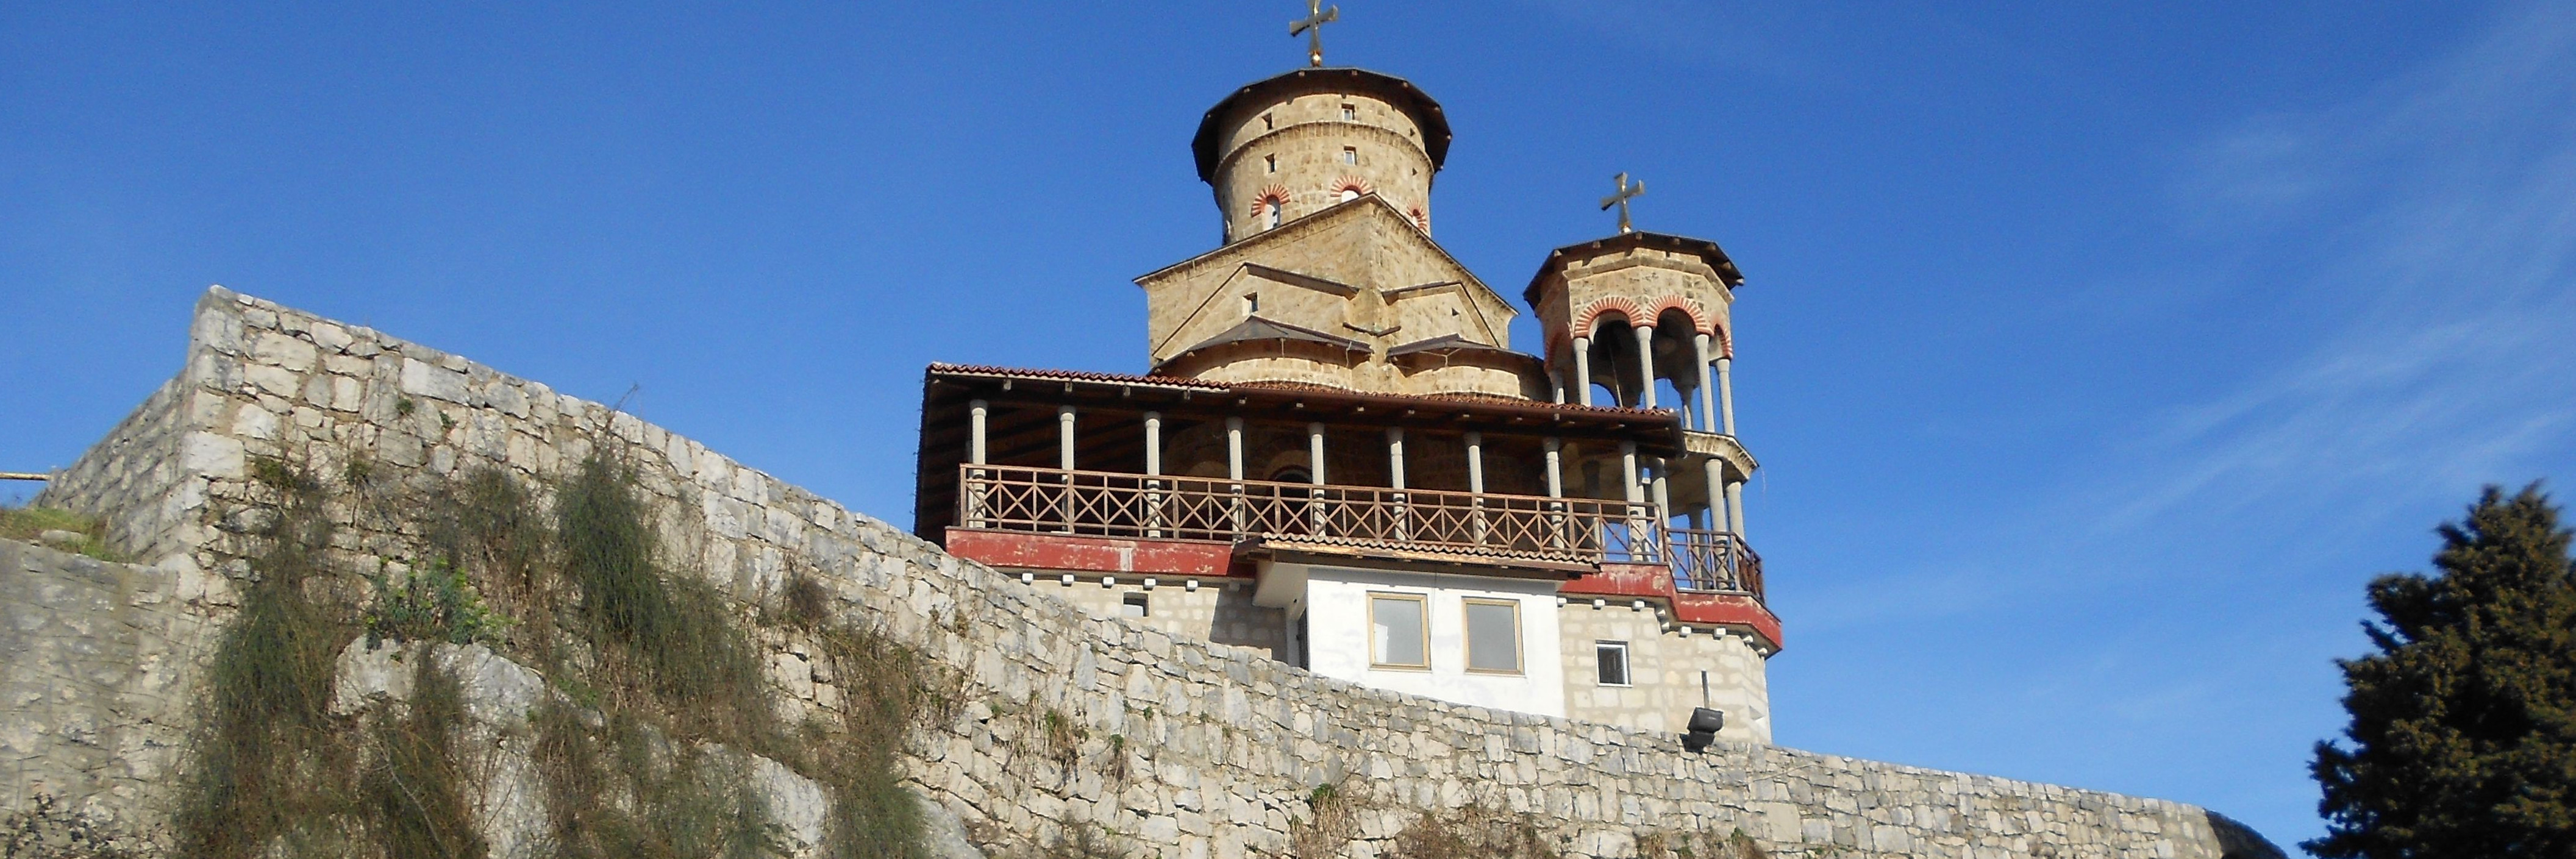 Церковь св. Архангелов в Требине